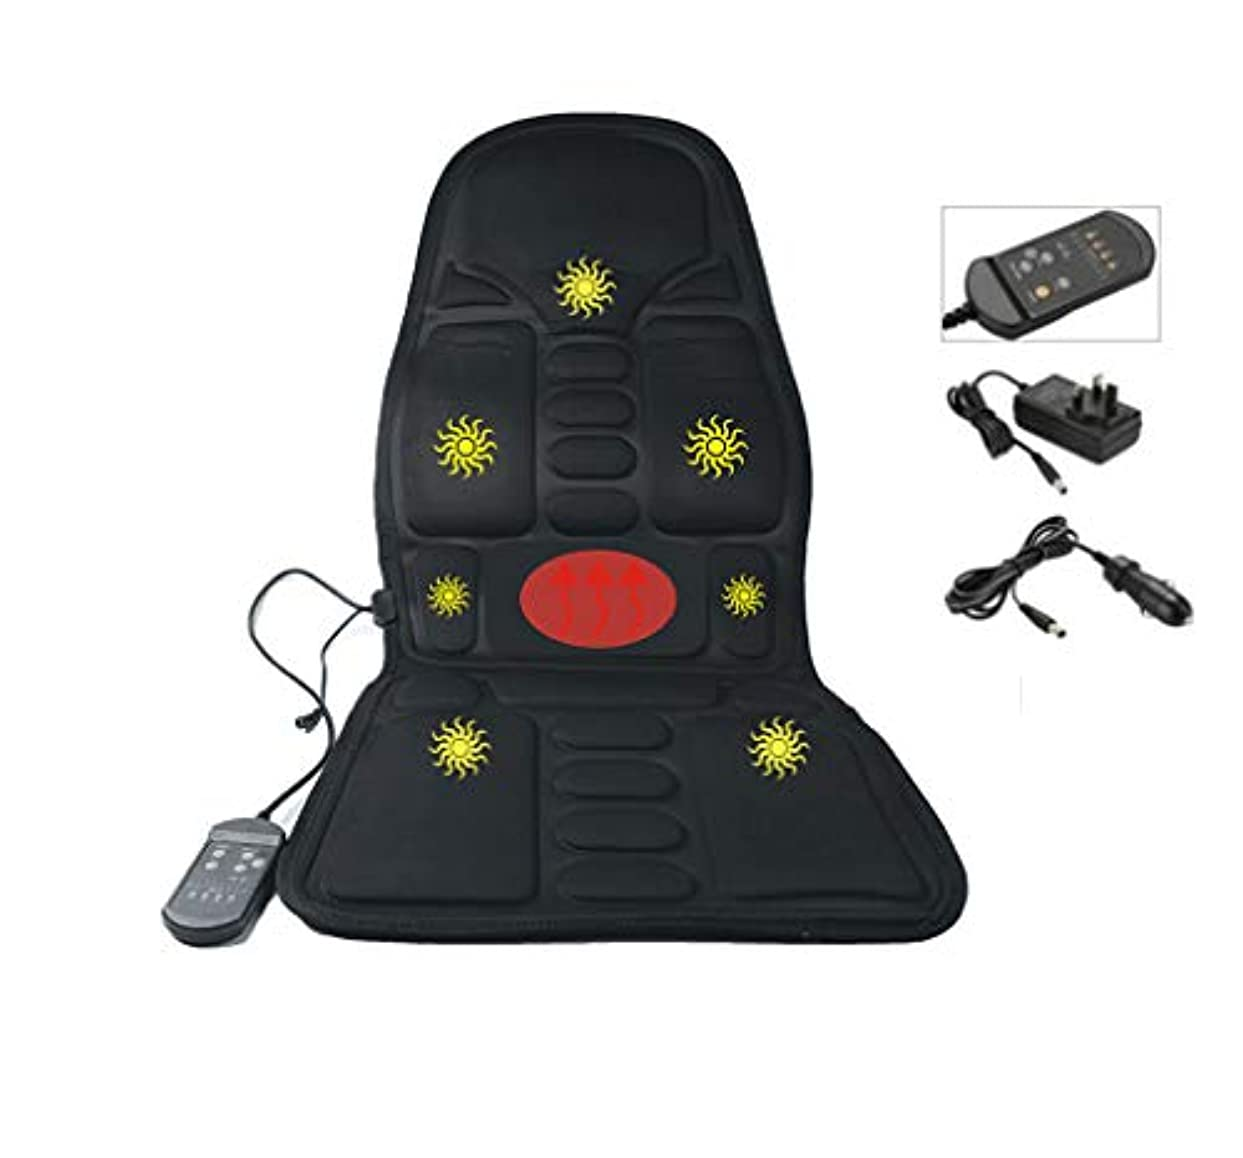 非アクティブマッサージマナー指圧マッサージシートクッション、3D指圧ディングニーディング、プレス、ローリングとバイブレーション - マッサージフルバック、アッパーバック、バックバック、座っているエリアまたはピンポイント正確なマッサージスポット加熱(黒)